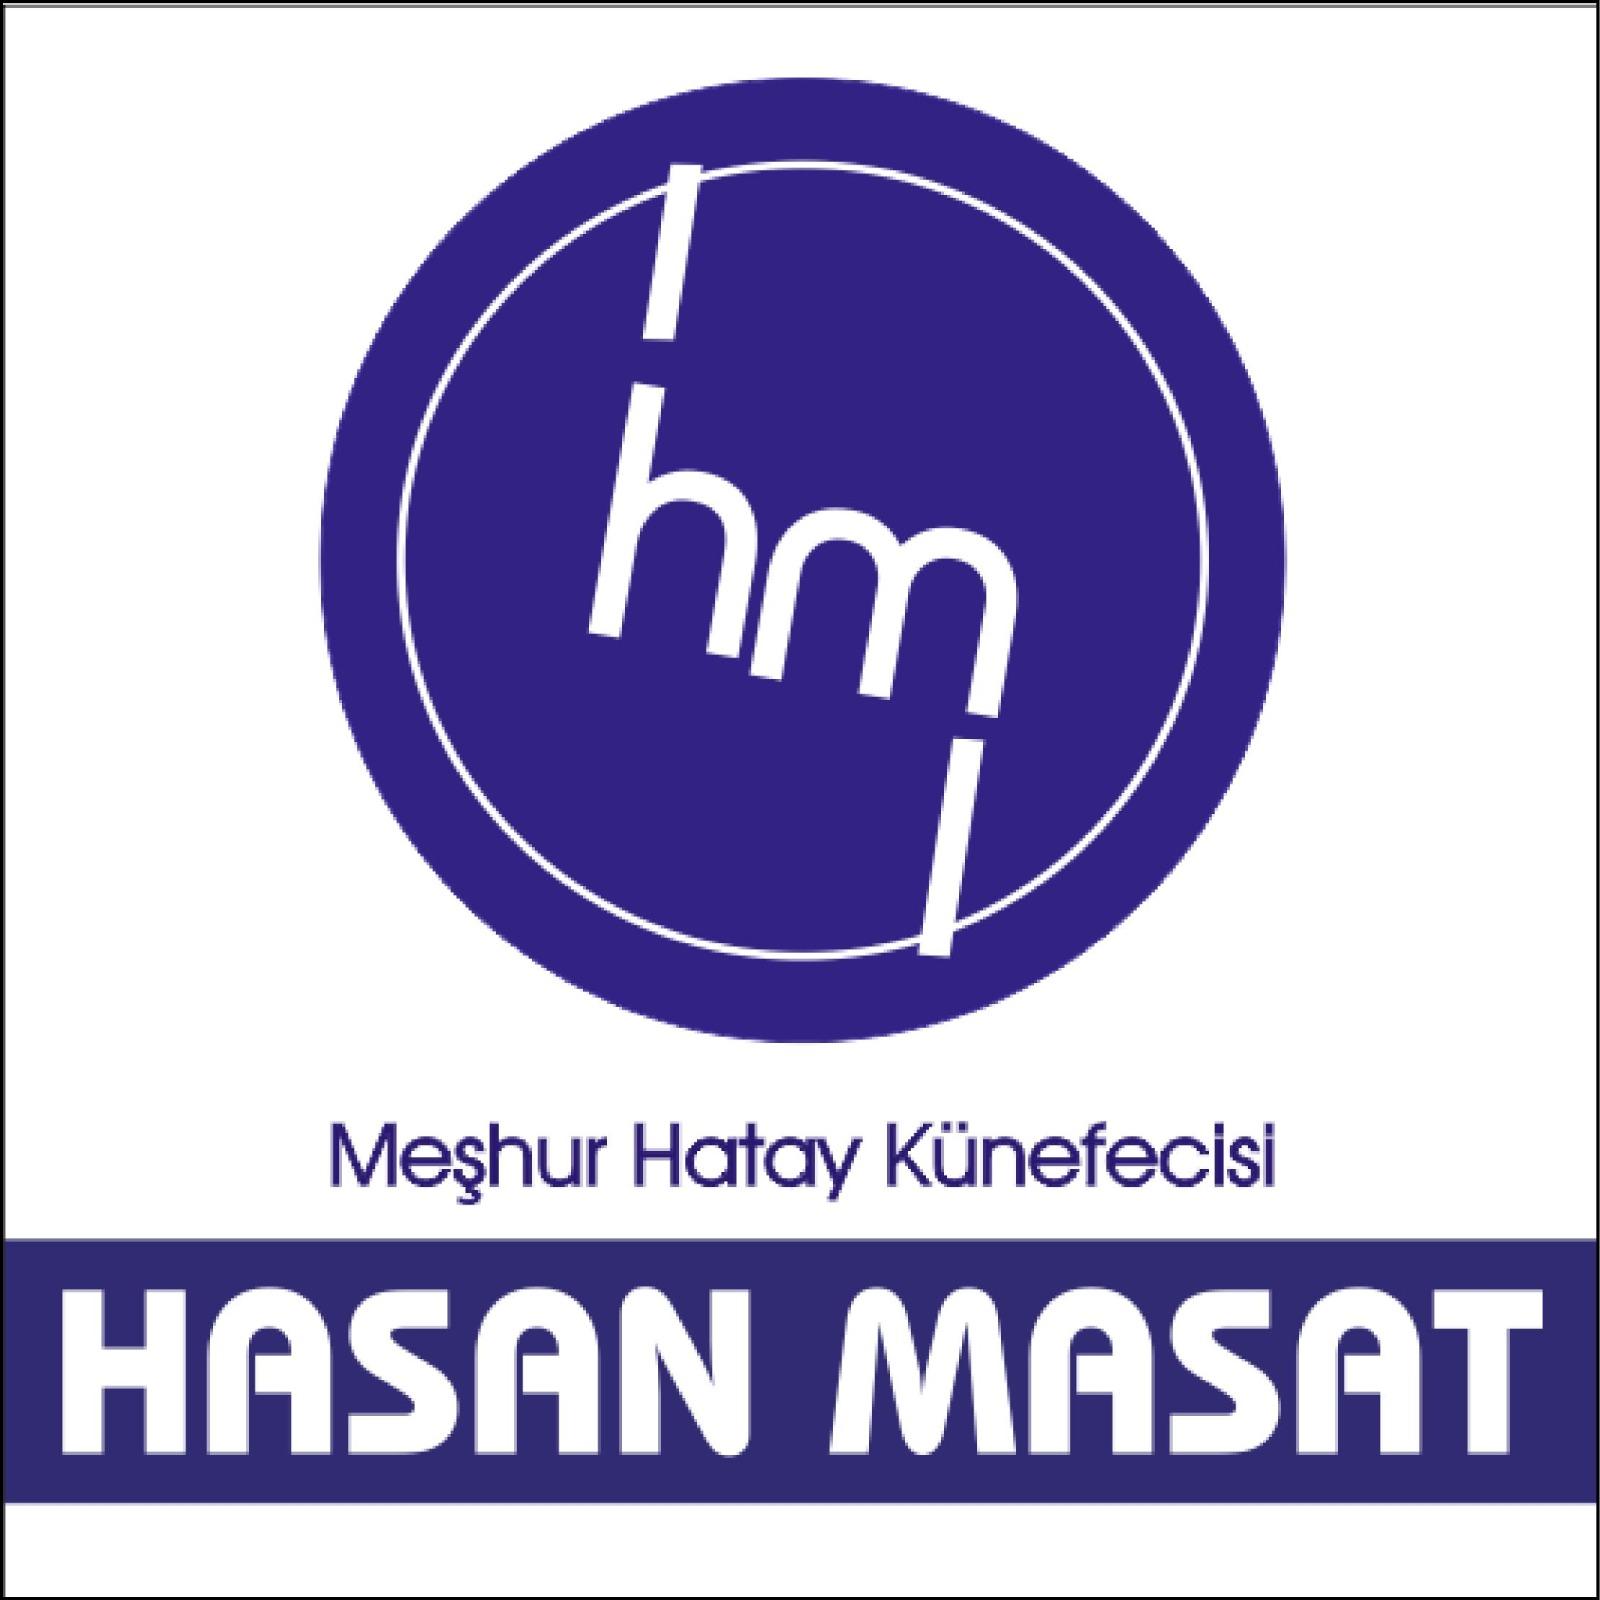 HASAN MASAT TATLI LTD. STI.